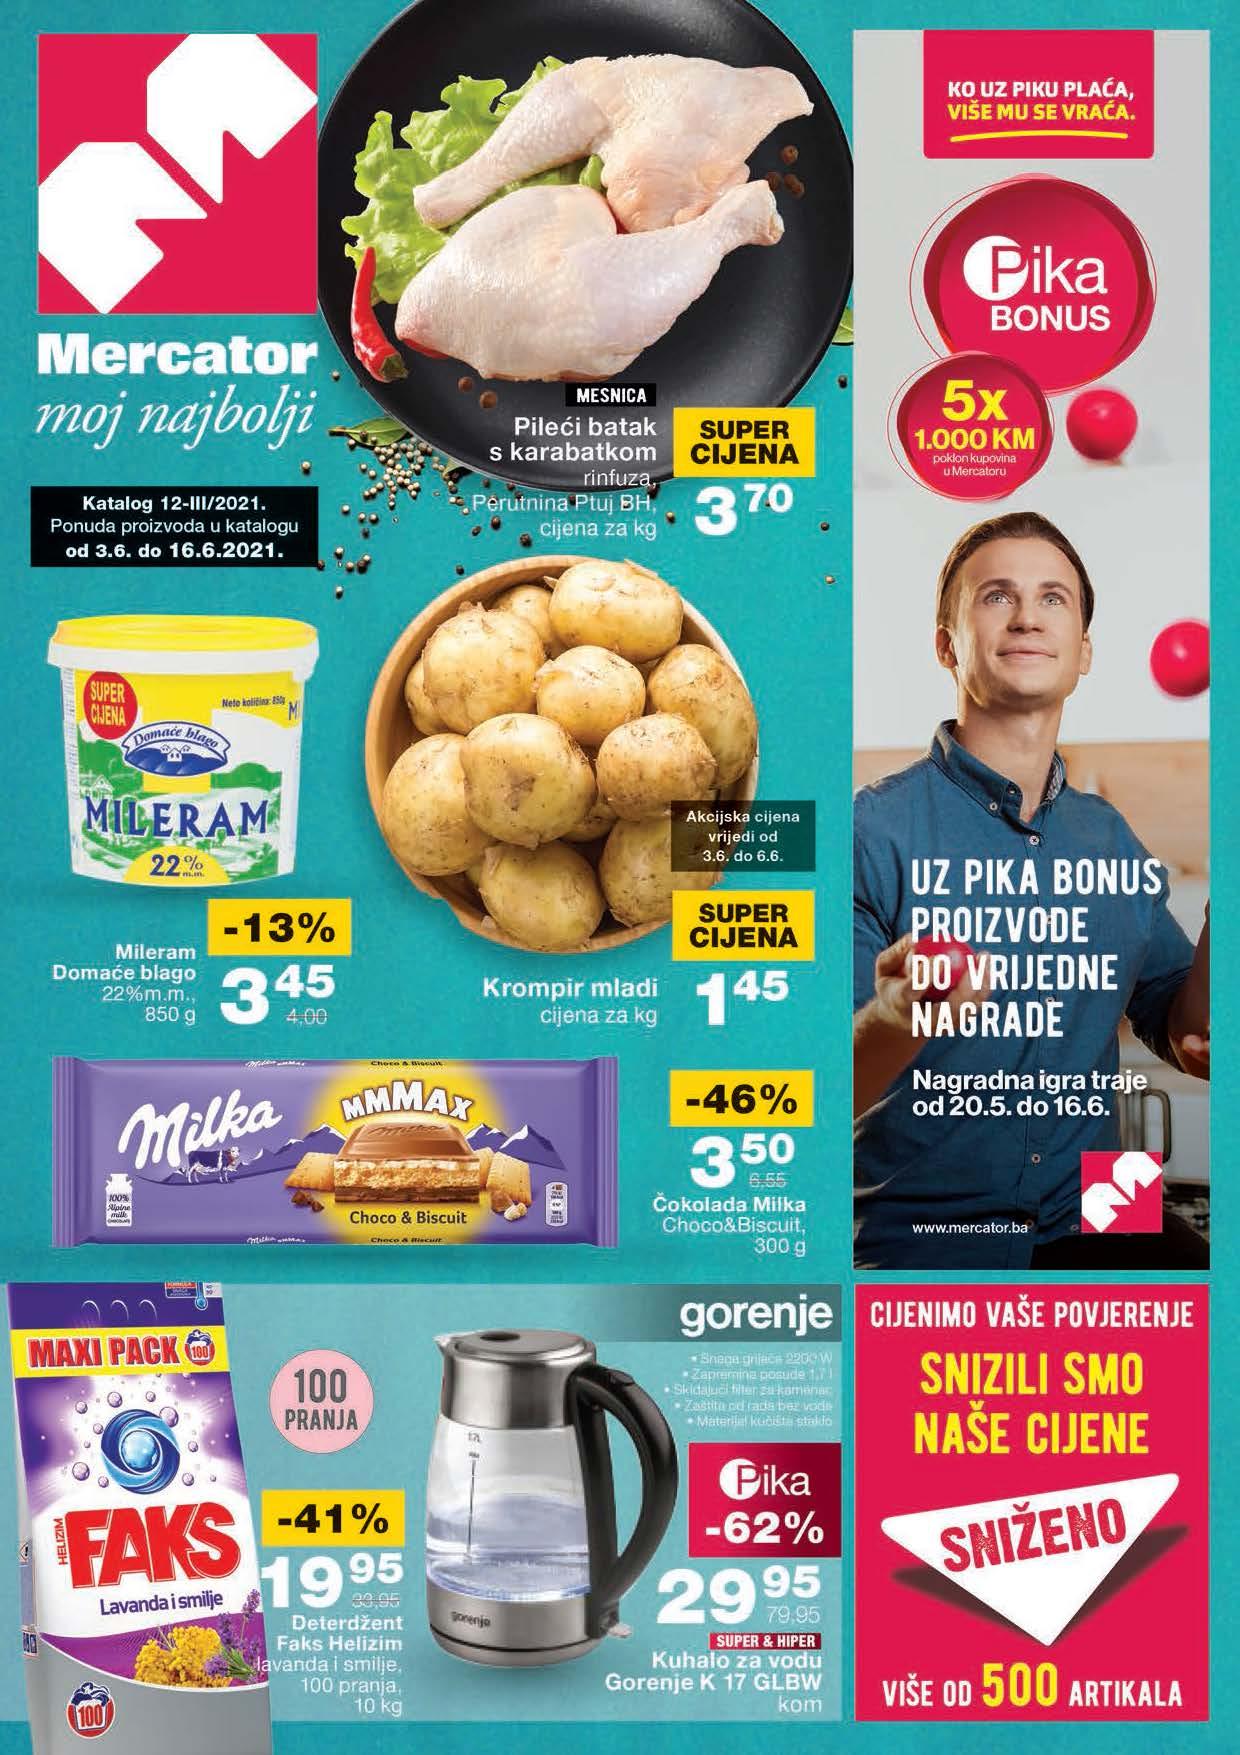 MERCATOR Katalog Redovni katalog JUN 2021 3.6. 16.6. eKatalozi.com Page 01 1